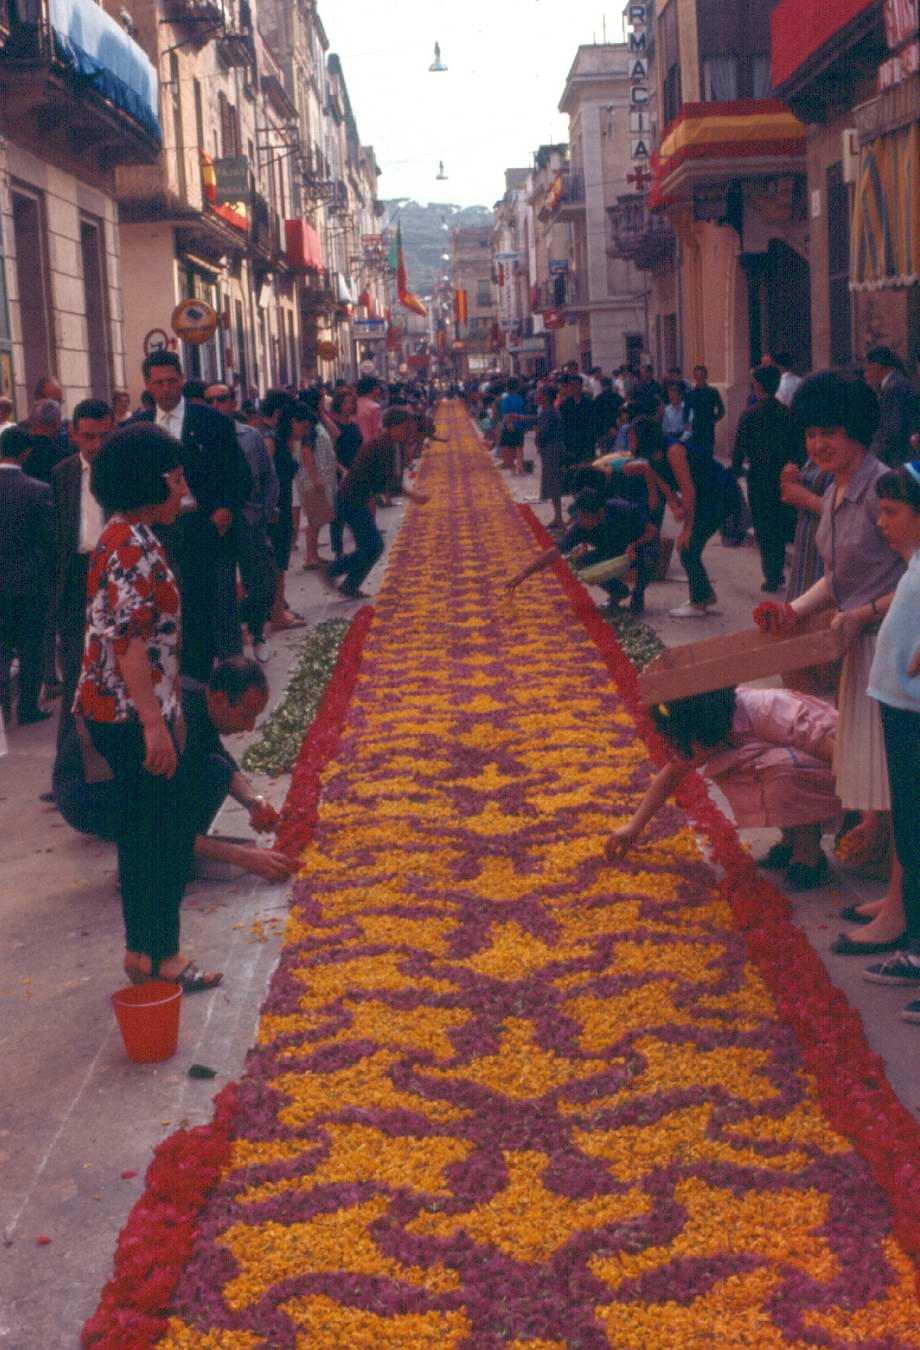 Elaboració de la catifa de flors del carrer major pel Corpus de l'any 1962. AMSFG. Fons Pere Rigau (Autor: Pere Rigau)